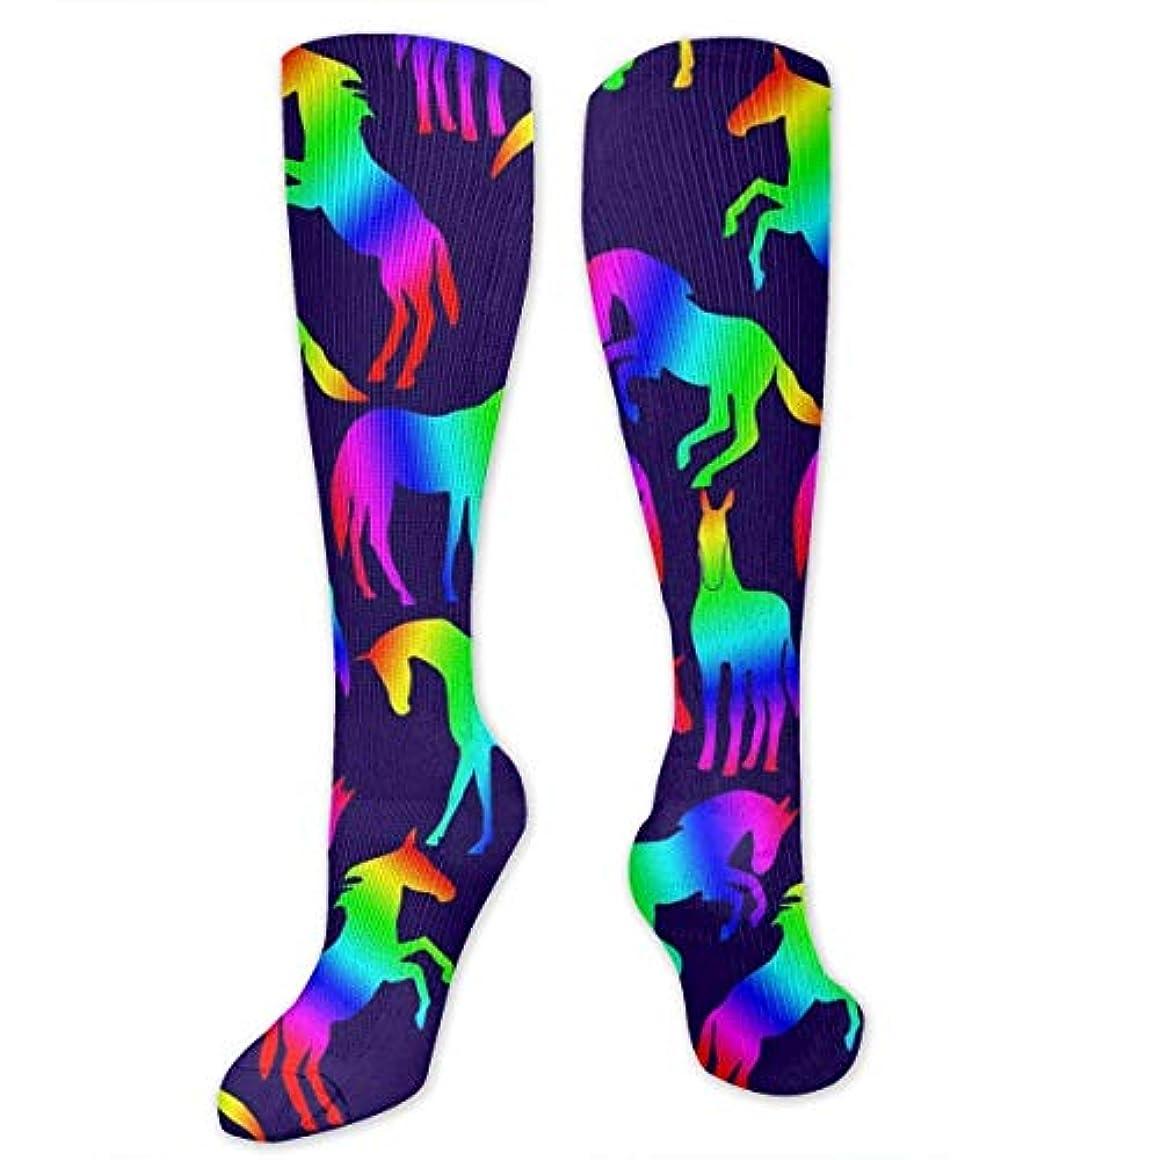 移民路地絶えず靴下,ストッキング,野生のジョーカー,実際,秋の本質,冬必須,サマーウェア&RBXAA Rainbow Horses Socks Women's Winter Cotton Long Tube Socks Knee High...